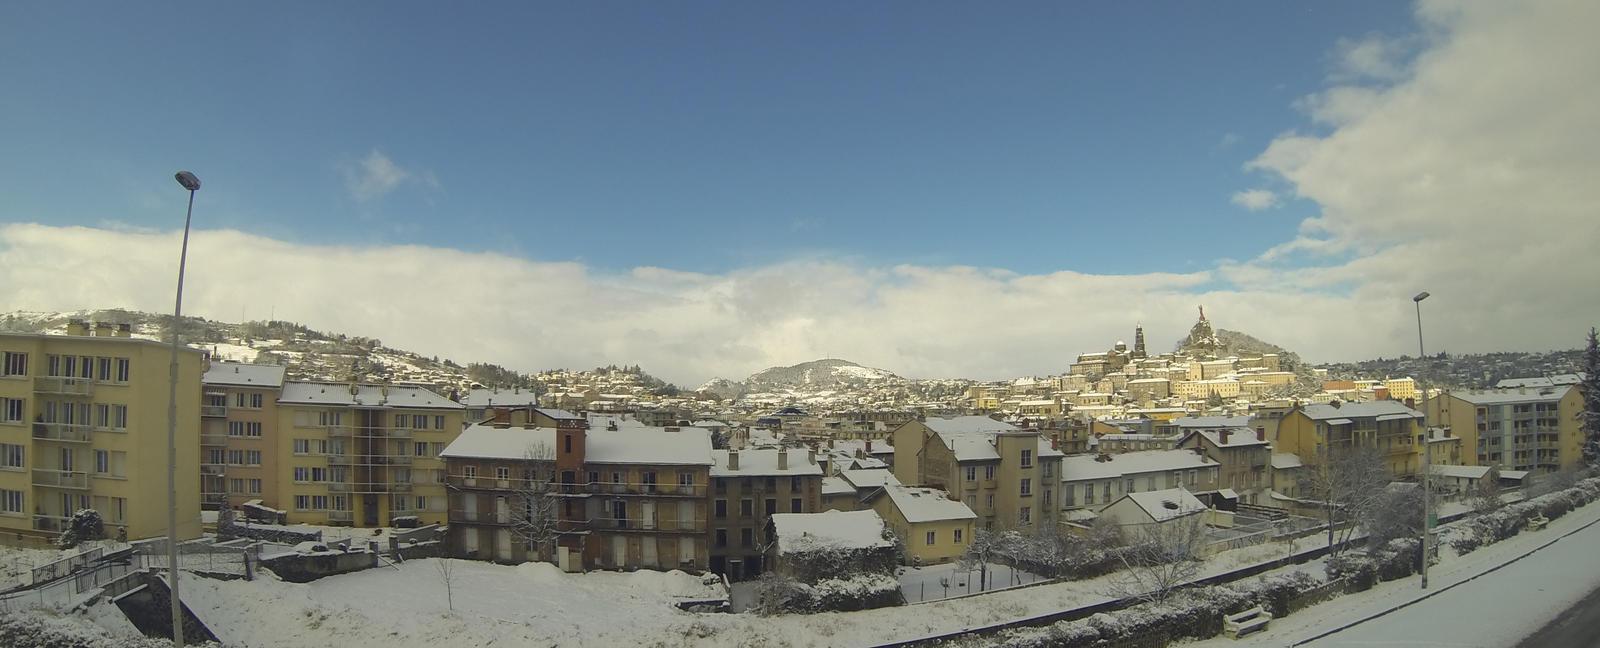 LPV neige